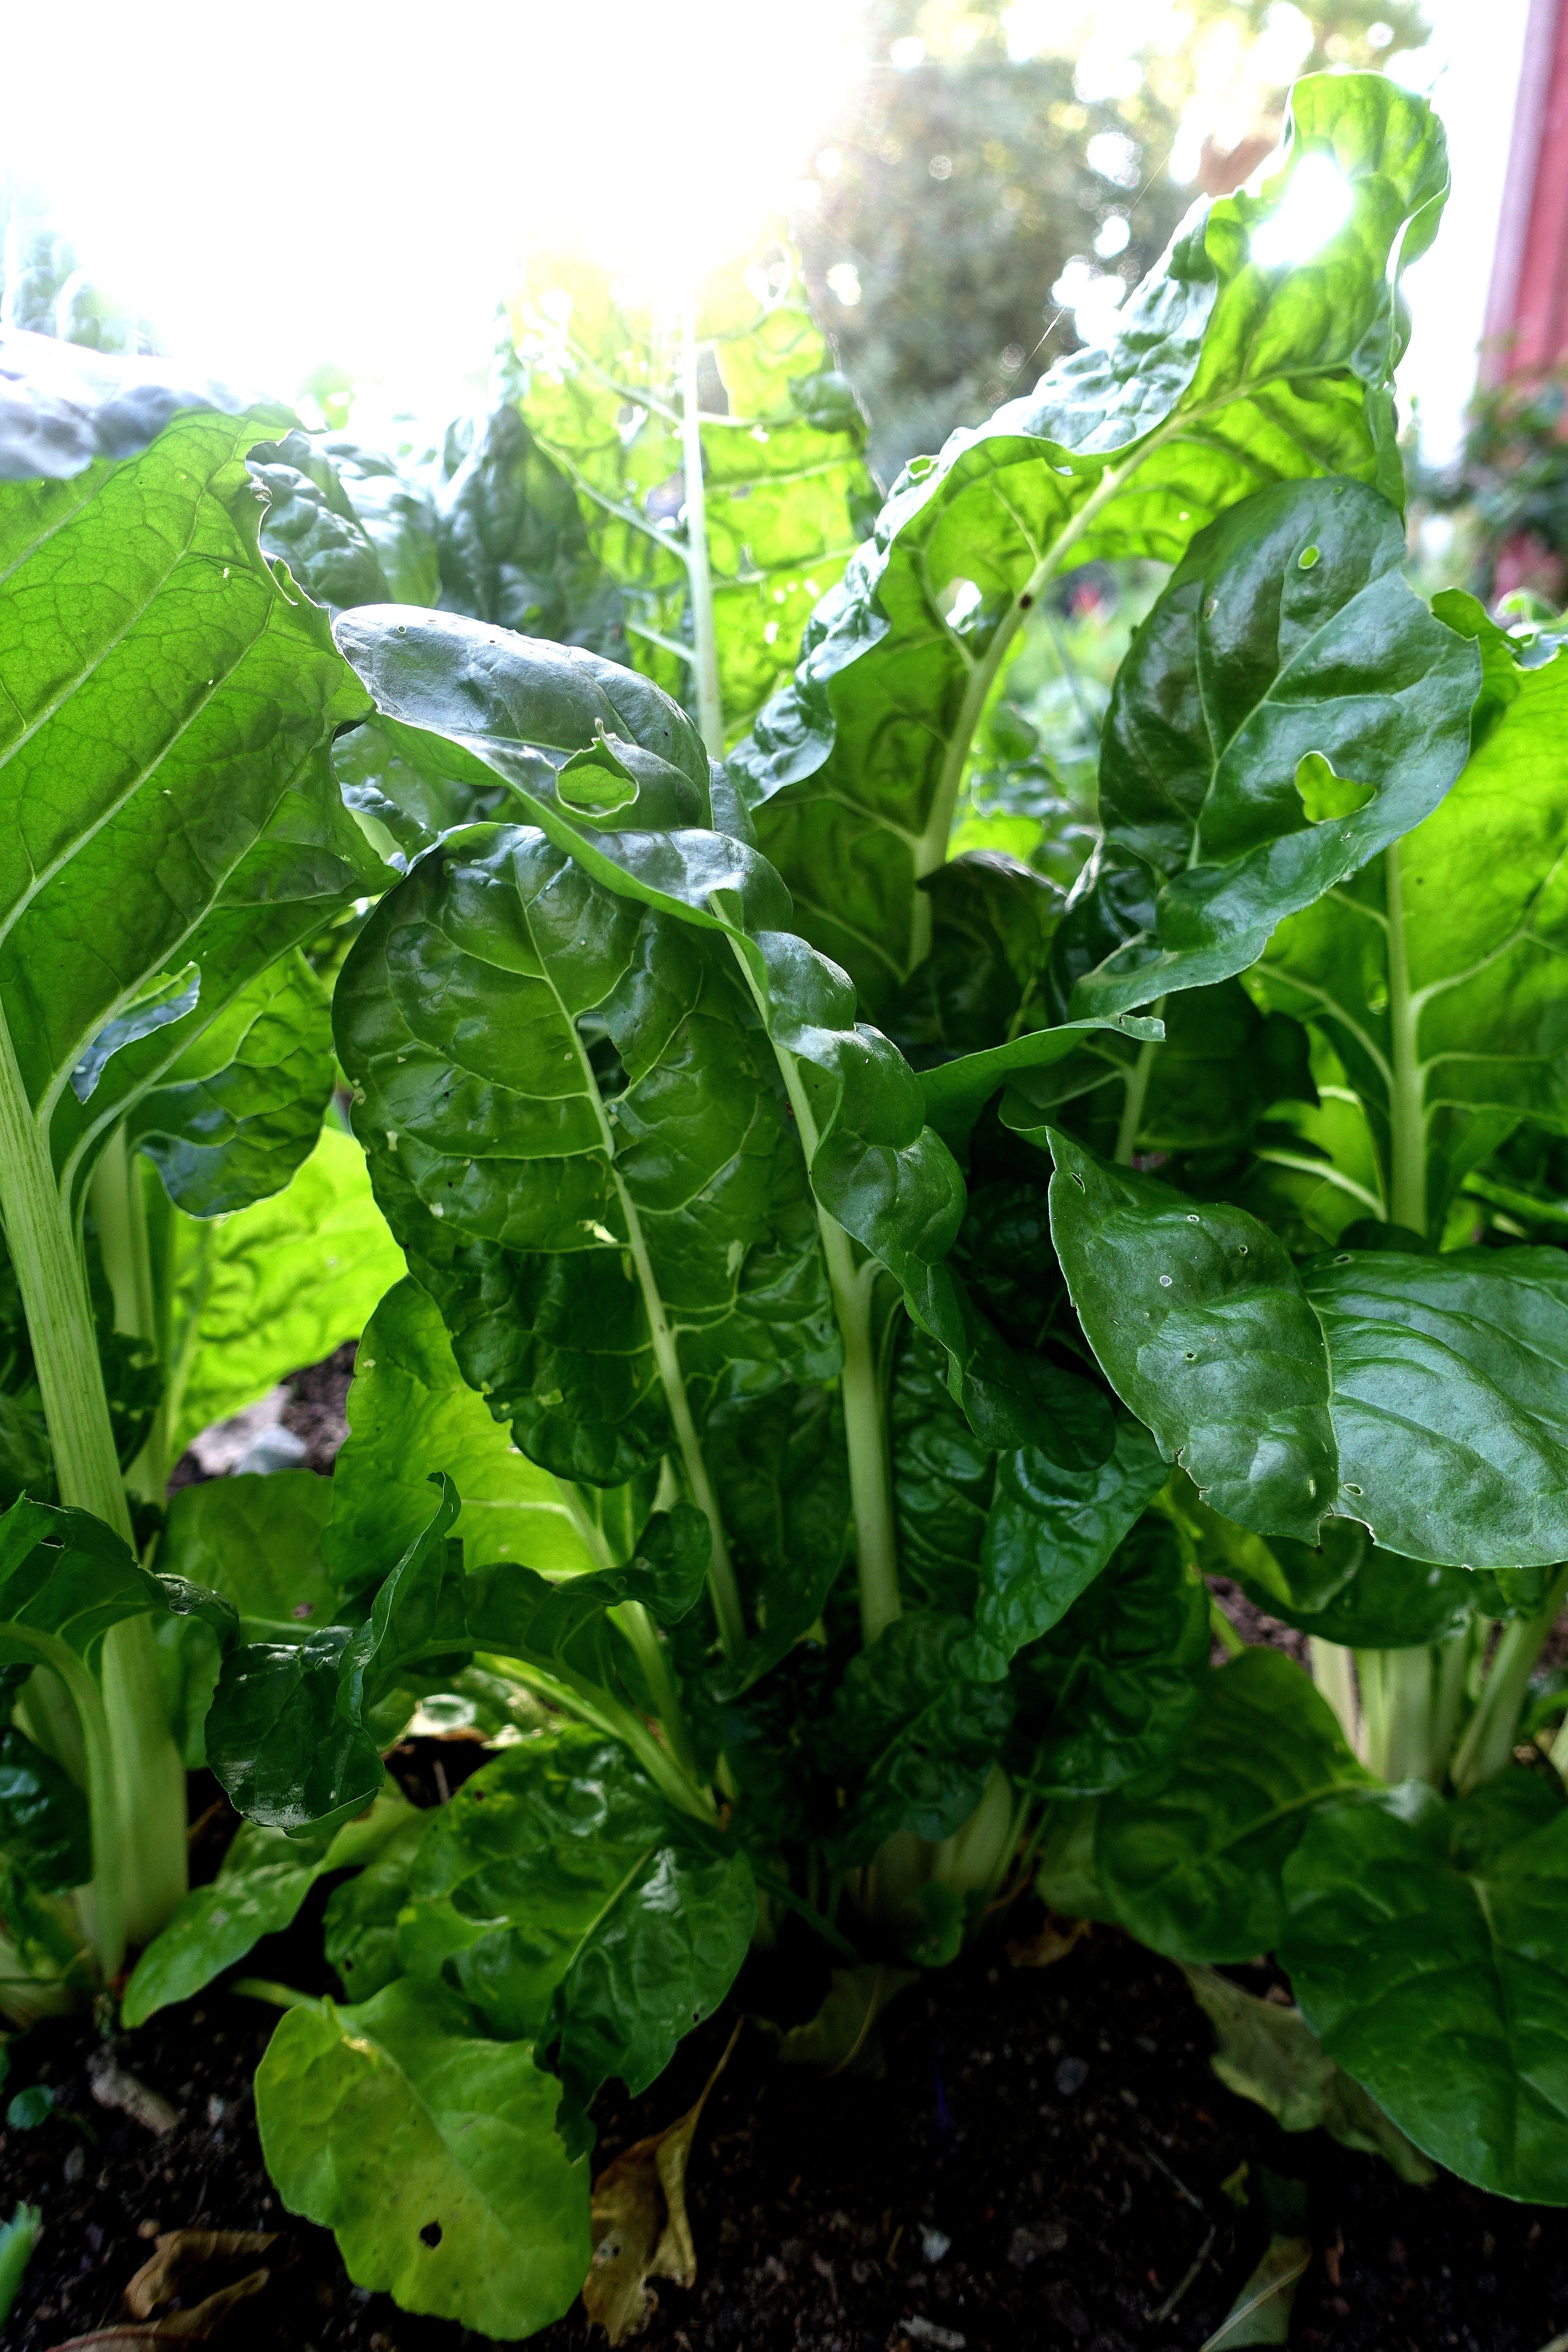 Illgröna mangoldplantor fotograferade i motljus. Grow in shade, chard in backlight.